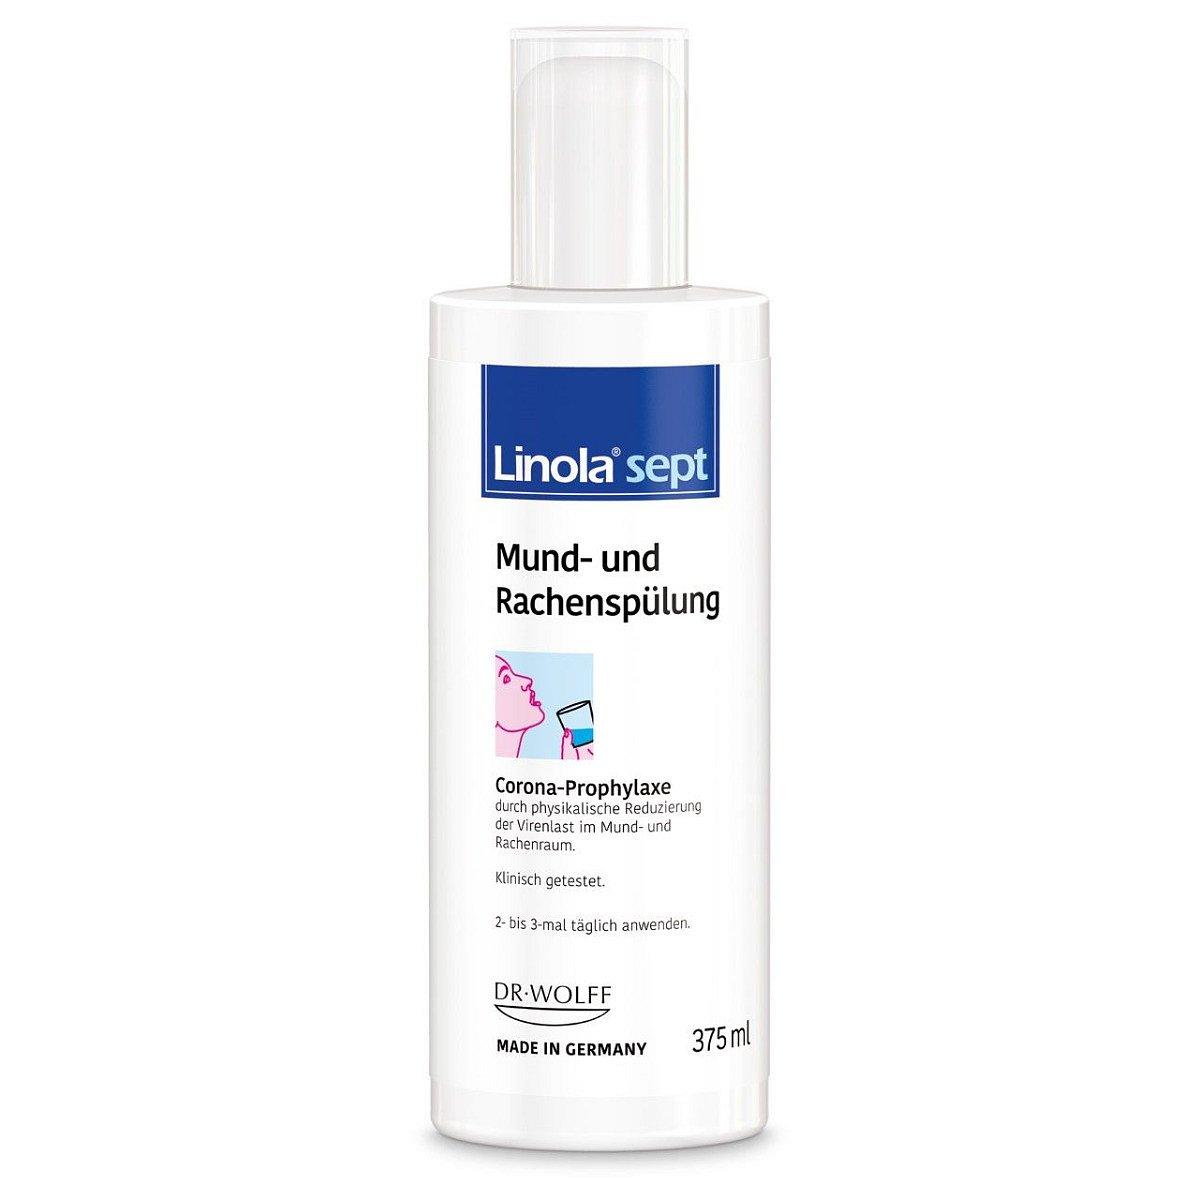 Linola sept Roztok ke kloktání a vyplachování úst 375 ml